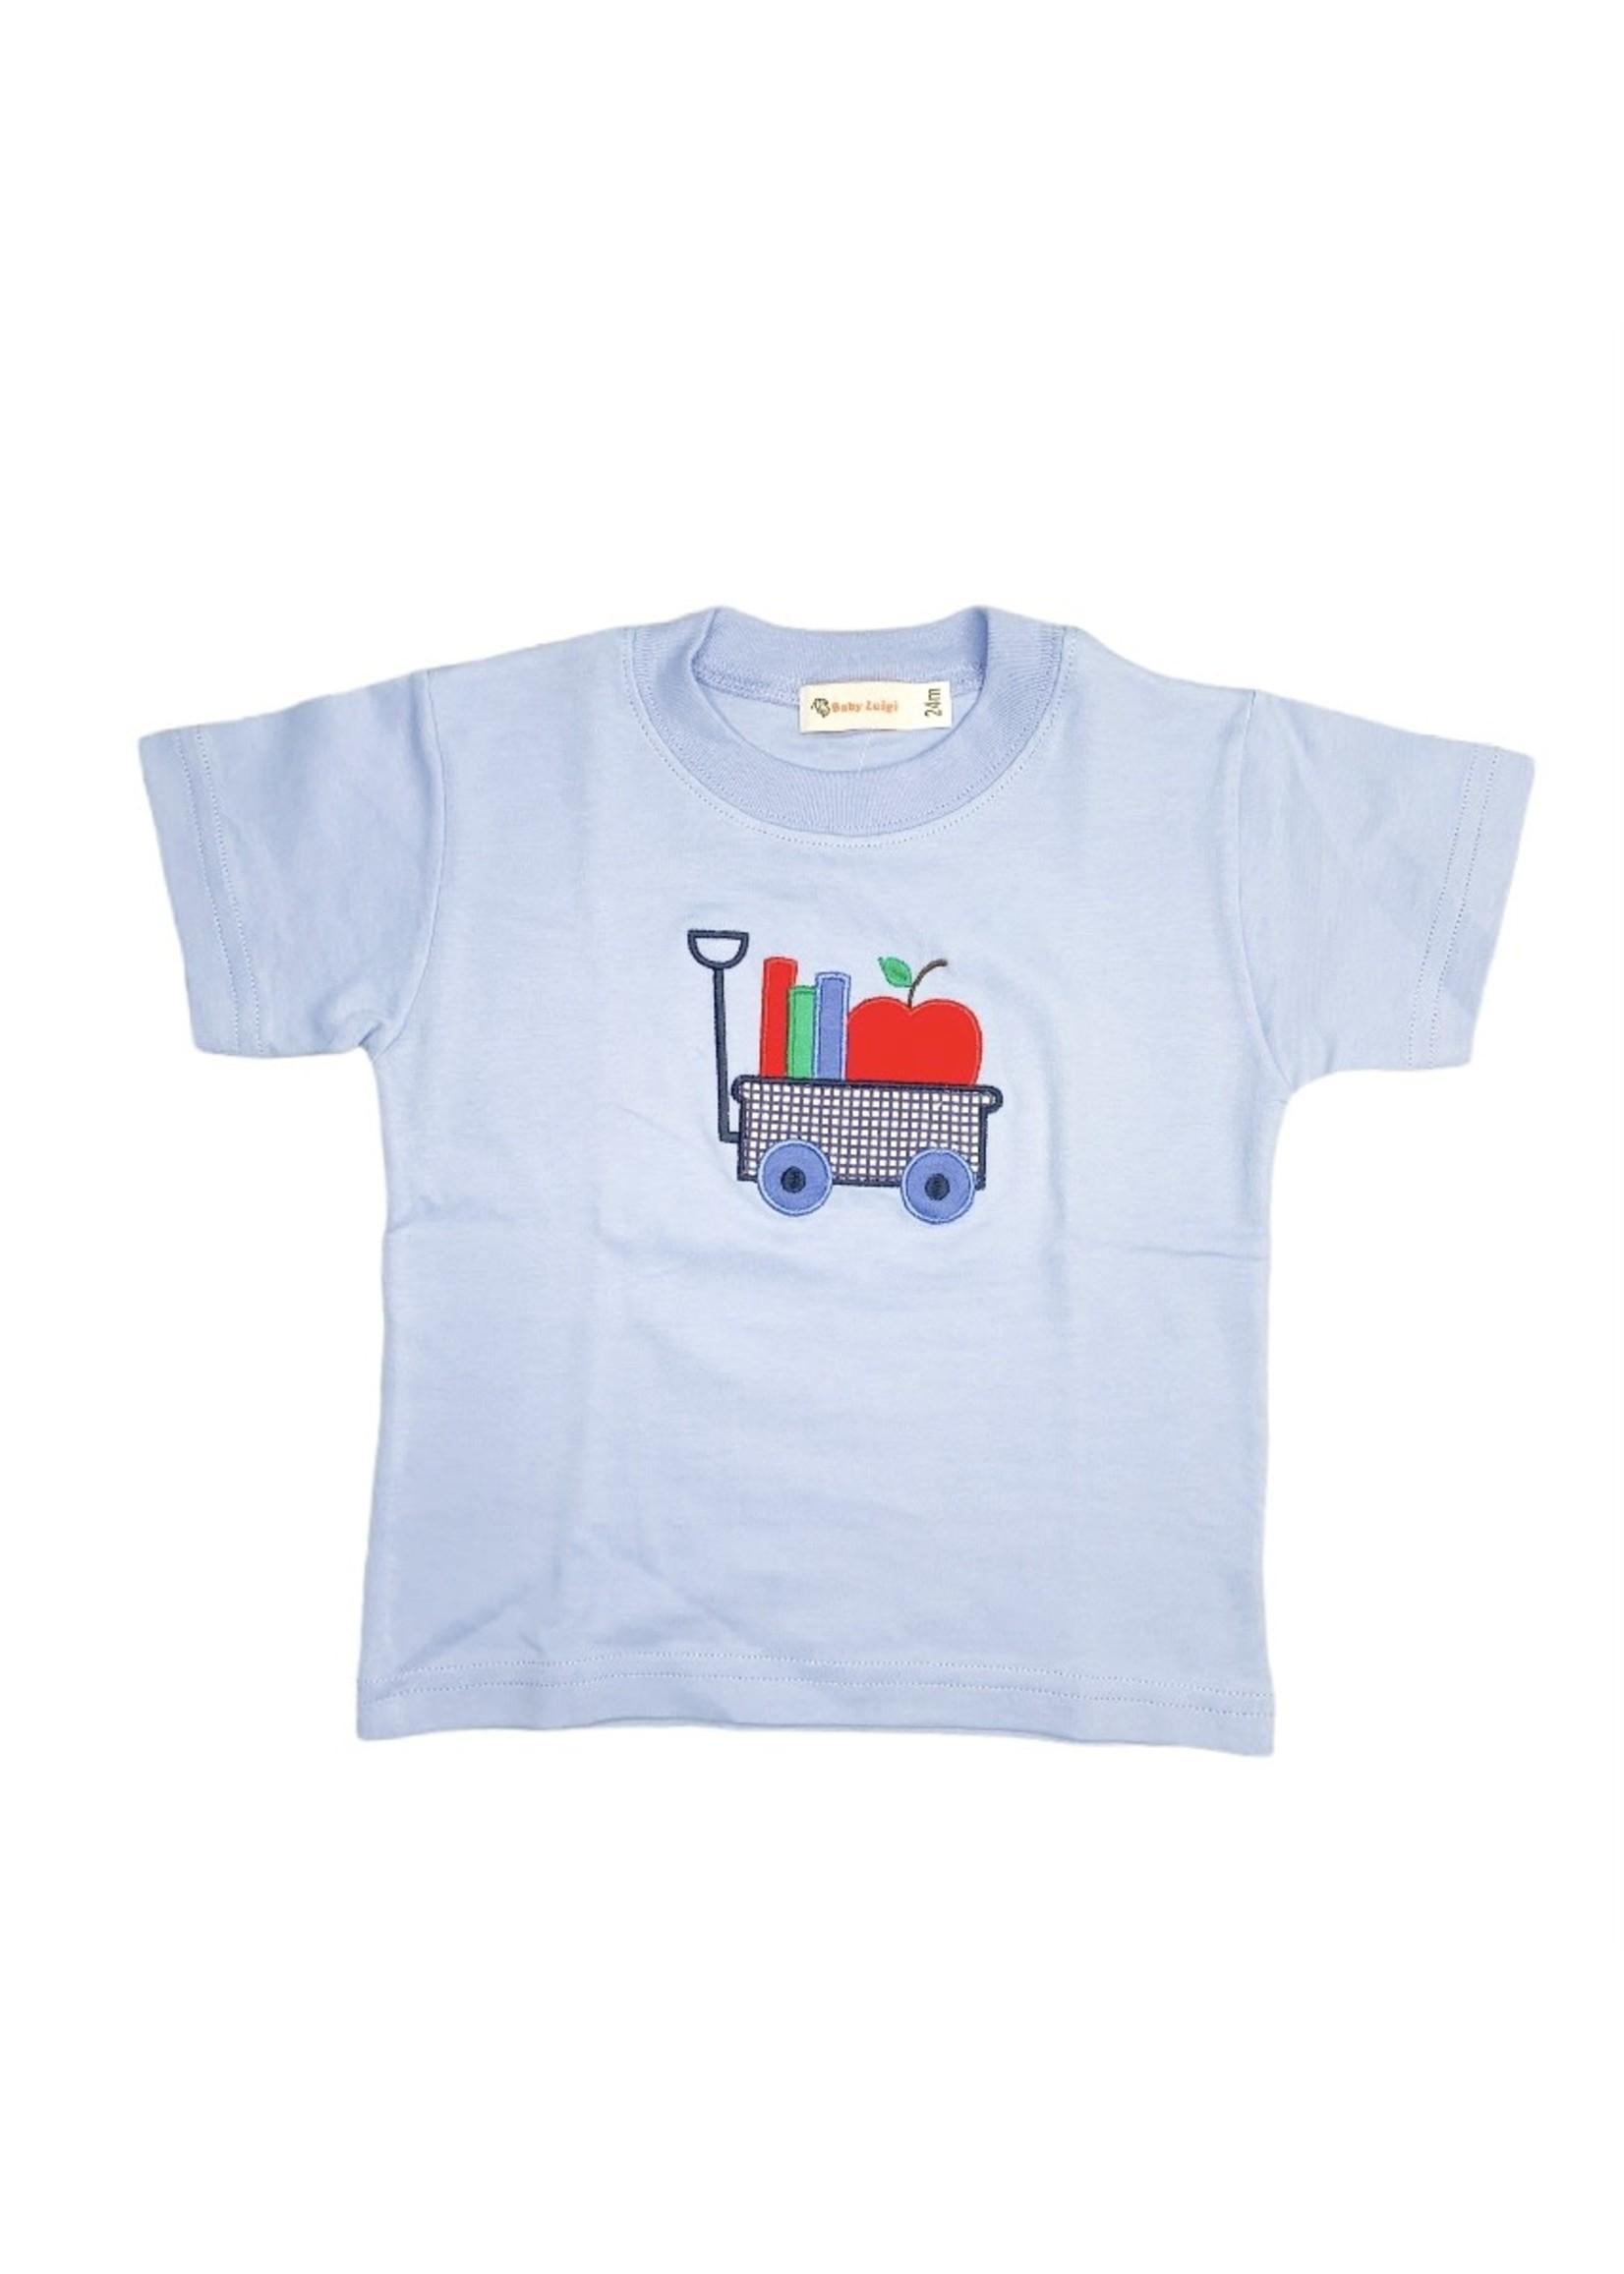 Luigi Boys Back to School Tshirt